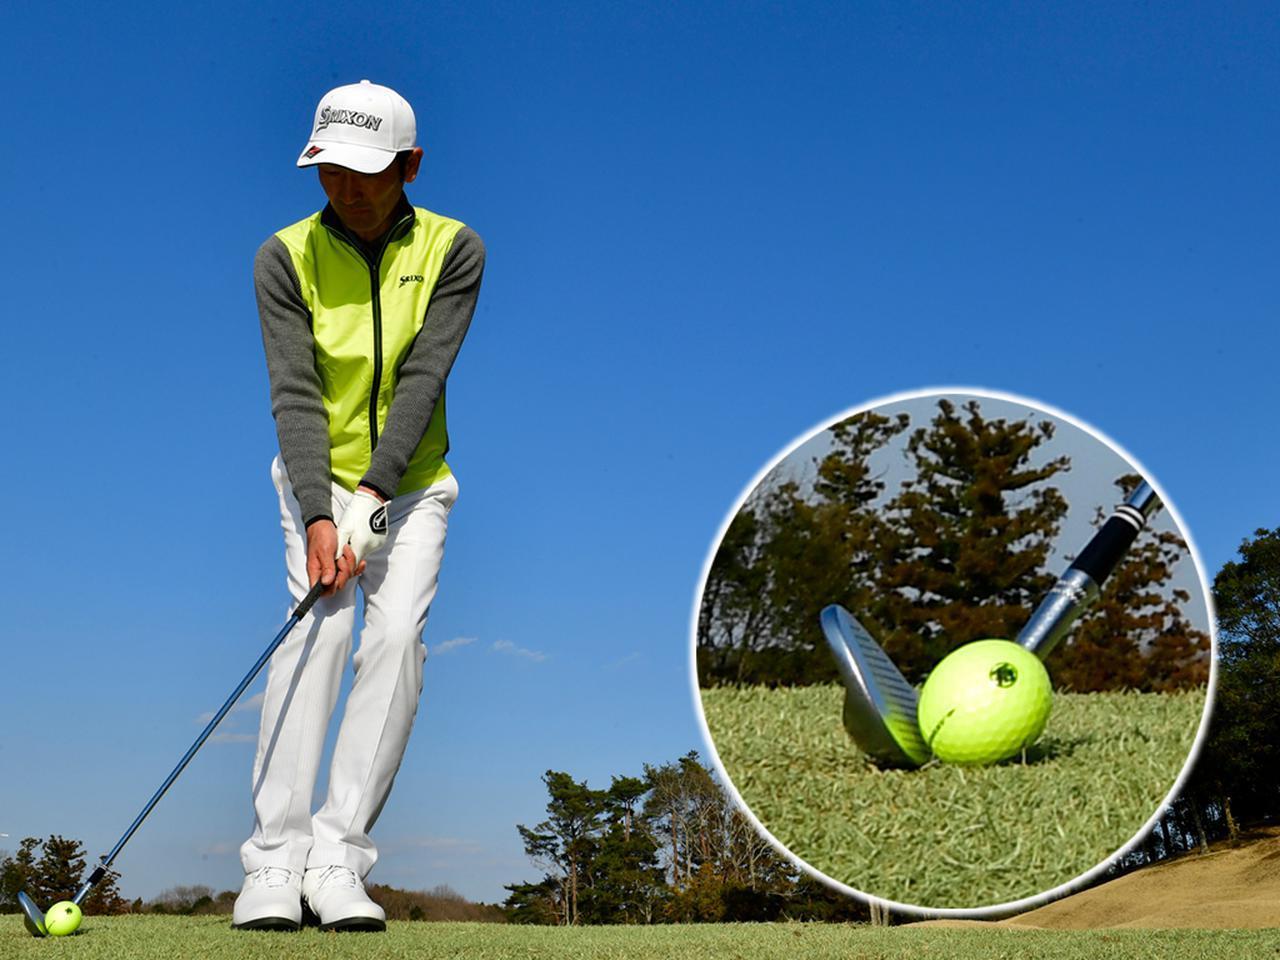 画像3: 【春ゴルフのアプローチ】芝が薄いこの時期は、フェースを返すのが正解です。誰でもできる100切りレッスン